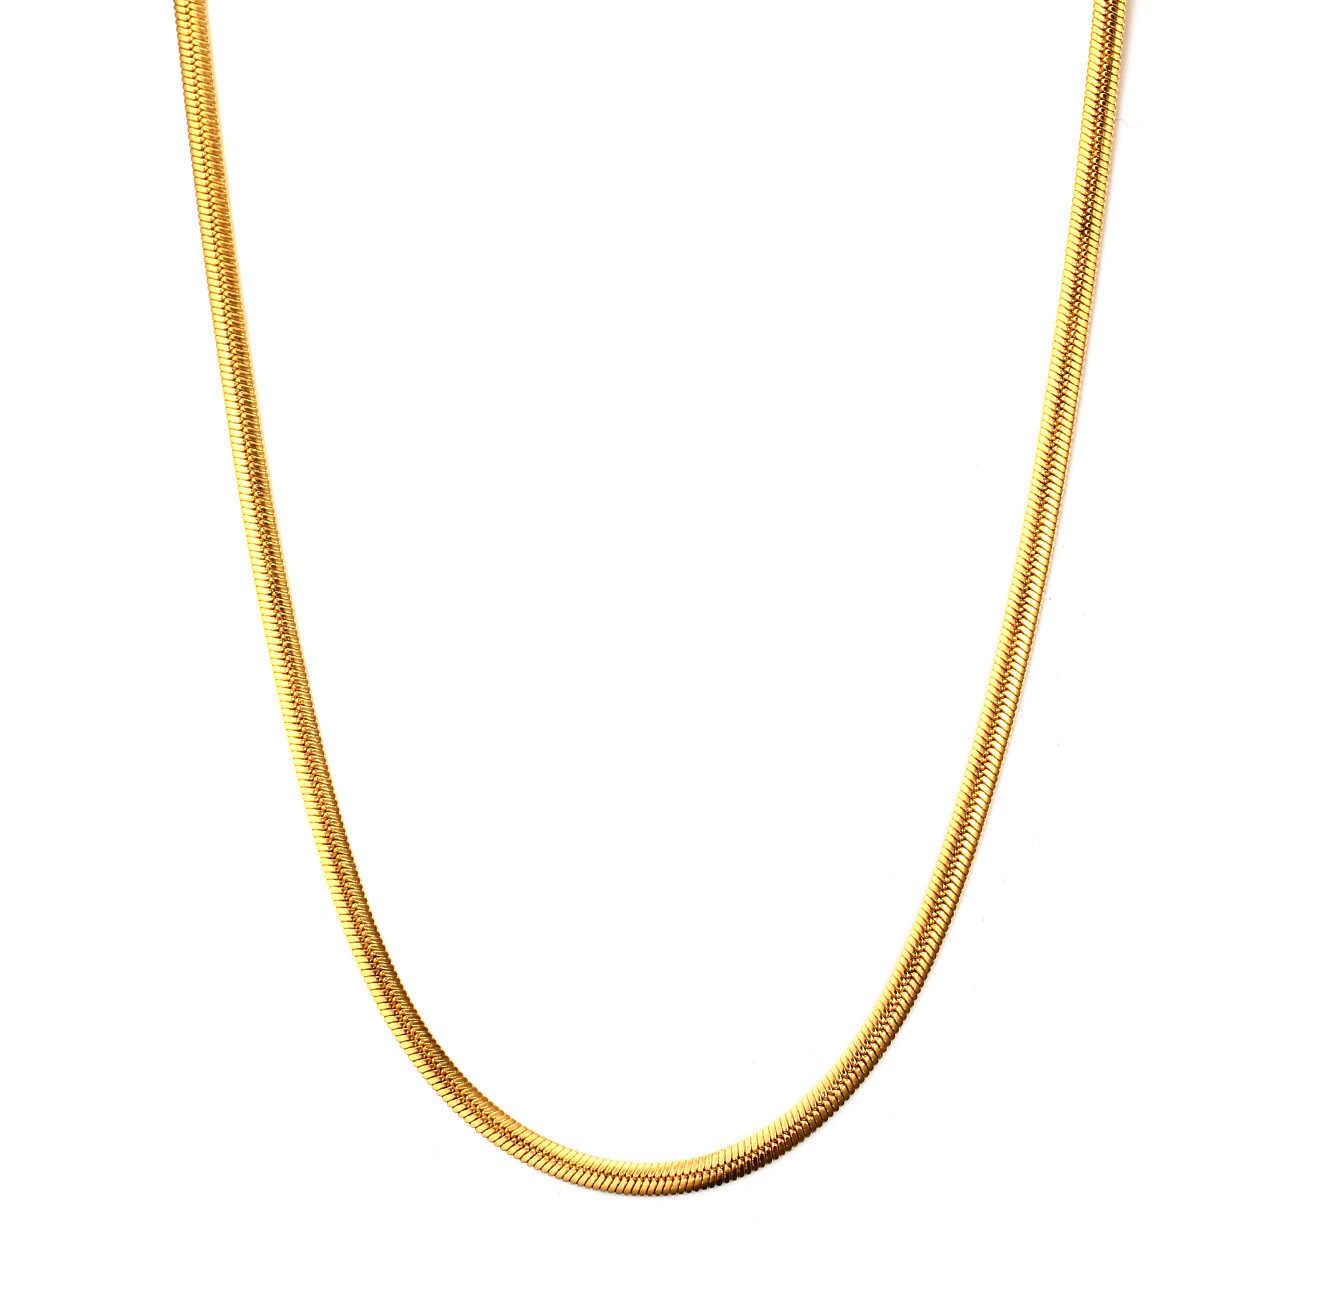 FXM in acciaio inox collana di vendita calda di colore dell'oro popolare donne single 3 millimetri Semplice fondazione collana dell'amante del regalo dei monili delle donne